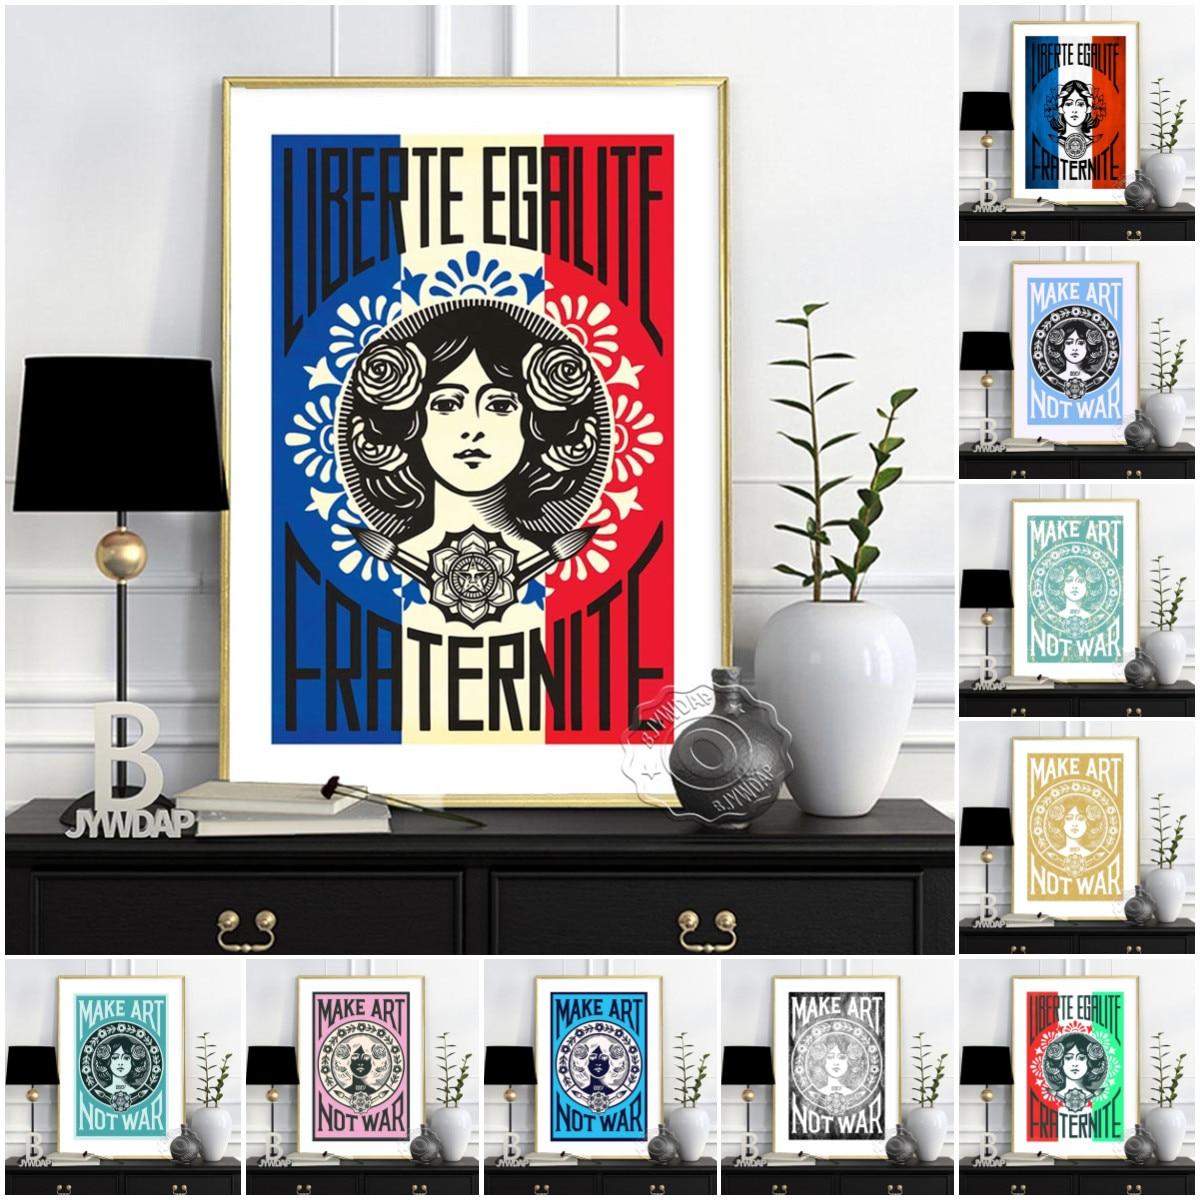 Литографический постер Liberte Egalite, сказочное настенное искусство, уличное искусство, винтажное искусство, не война, домашний декор